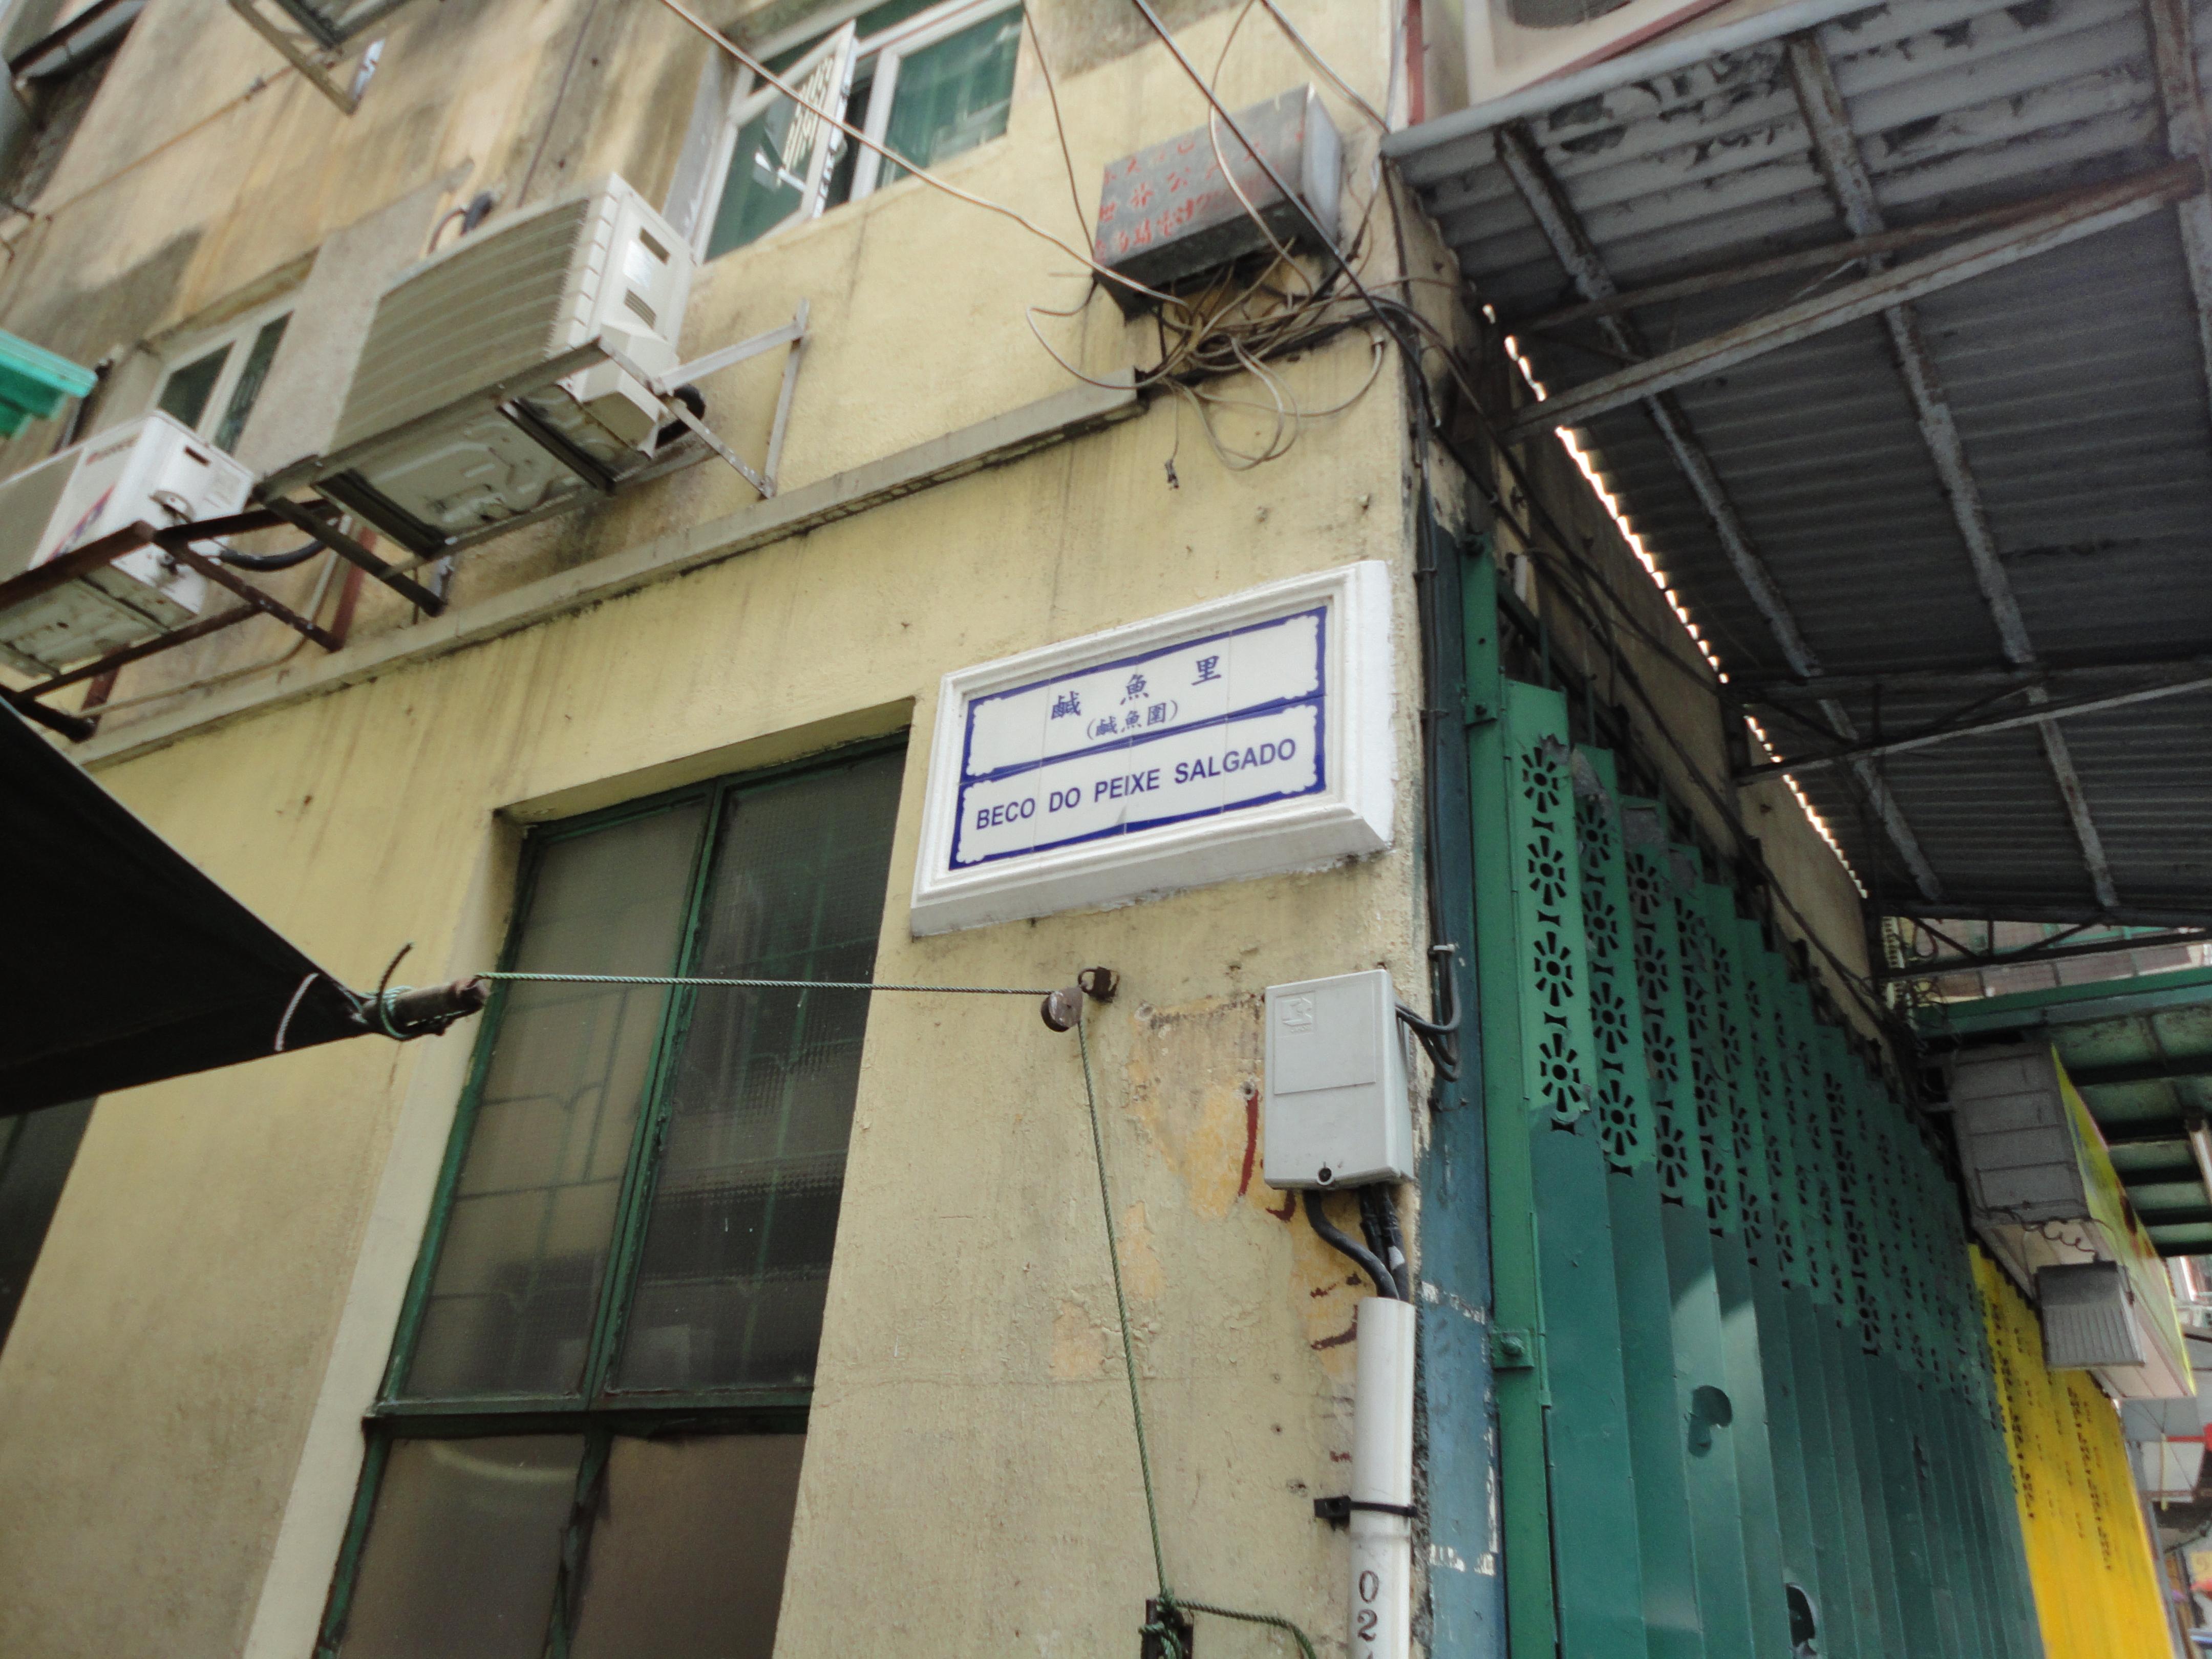 Beco do Peixe Salgado Macau